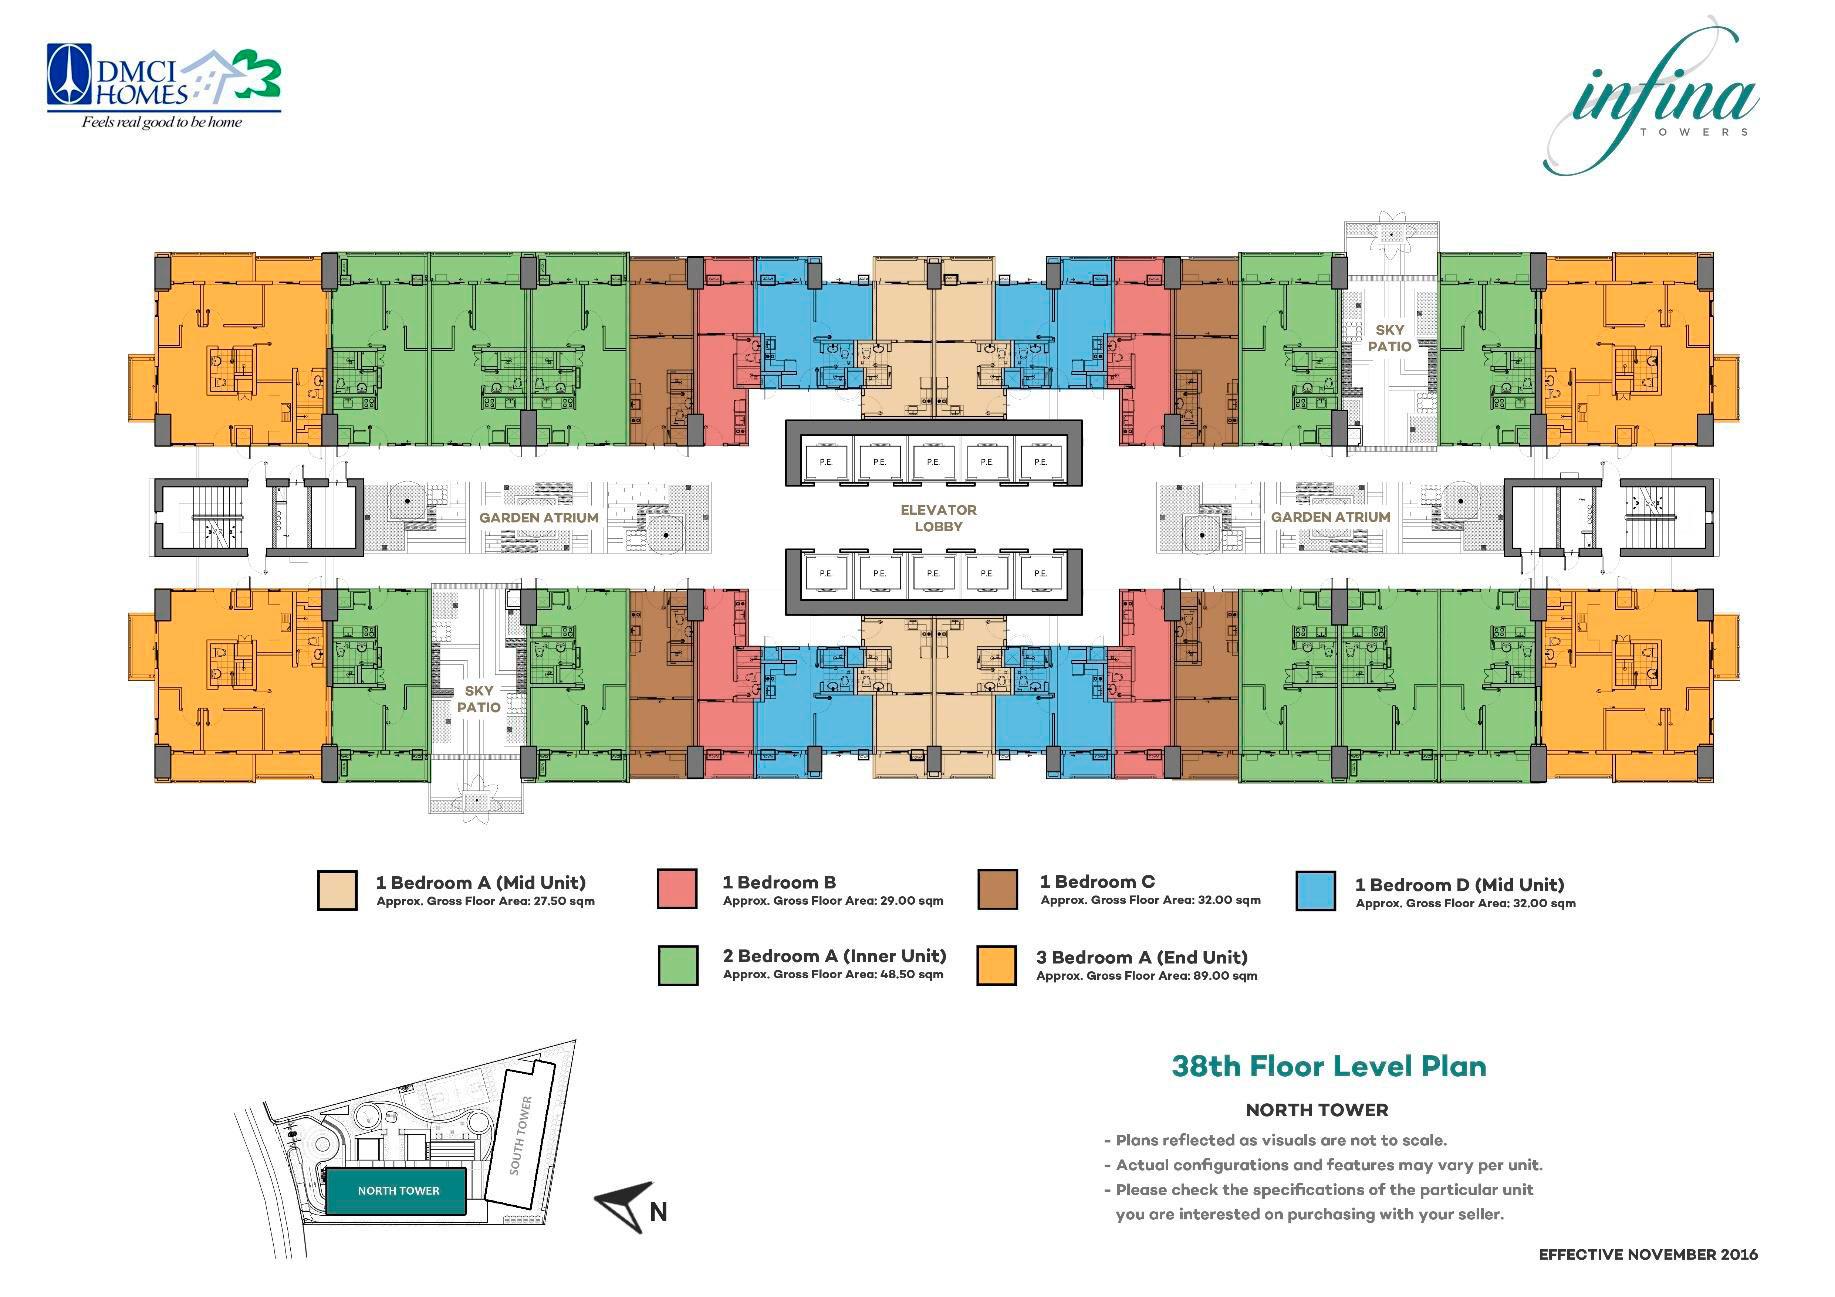 infina-towers-floor-plan-7 - DMCI Homes